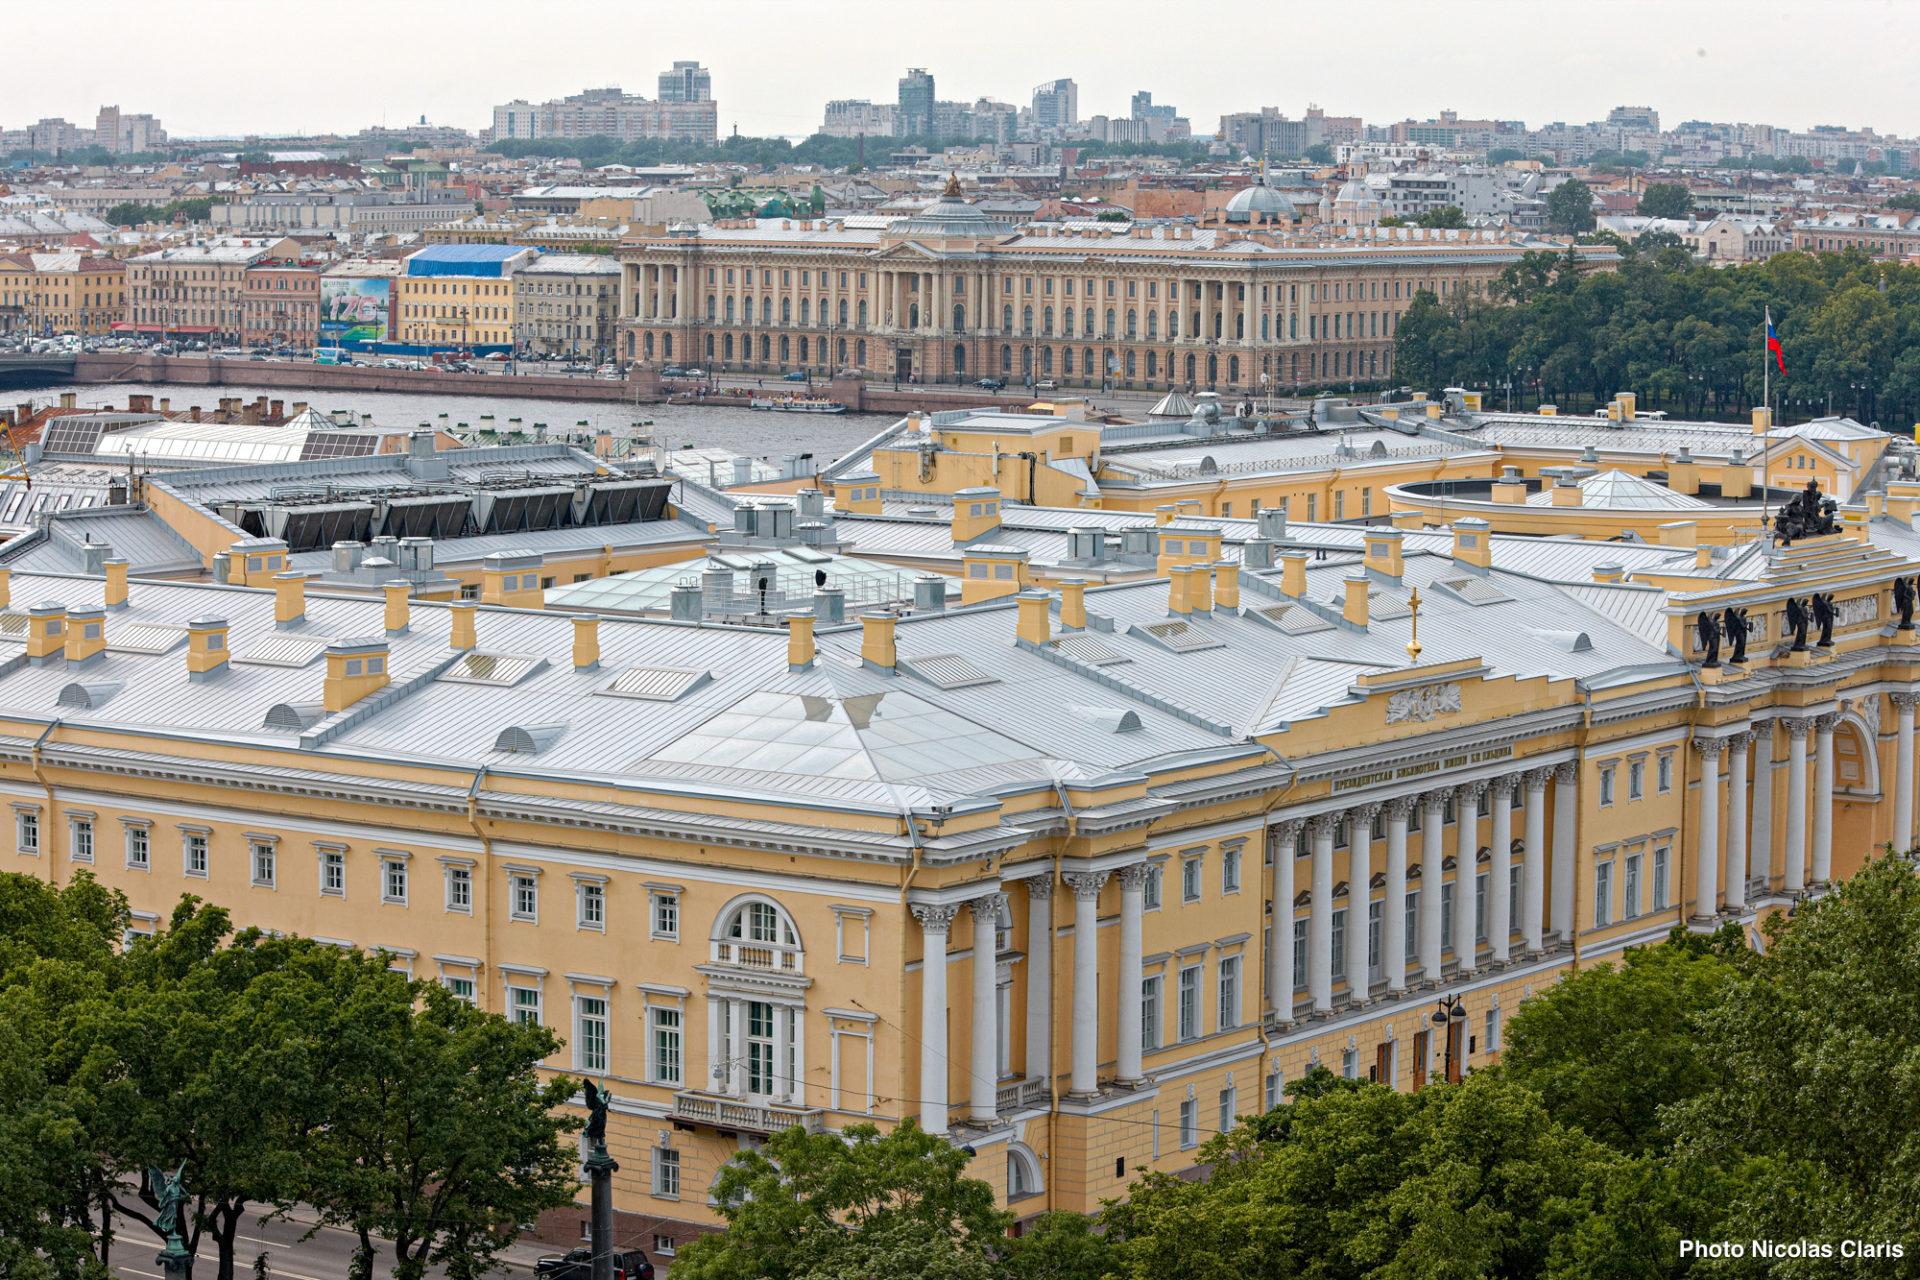 HD_Saint-Petersburg_City_45R10189